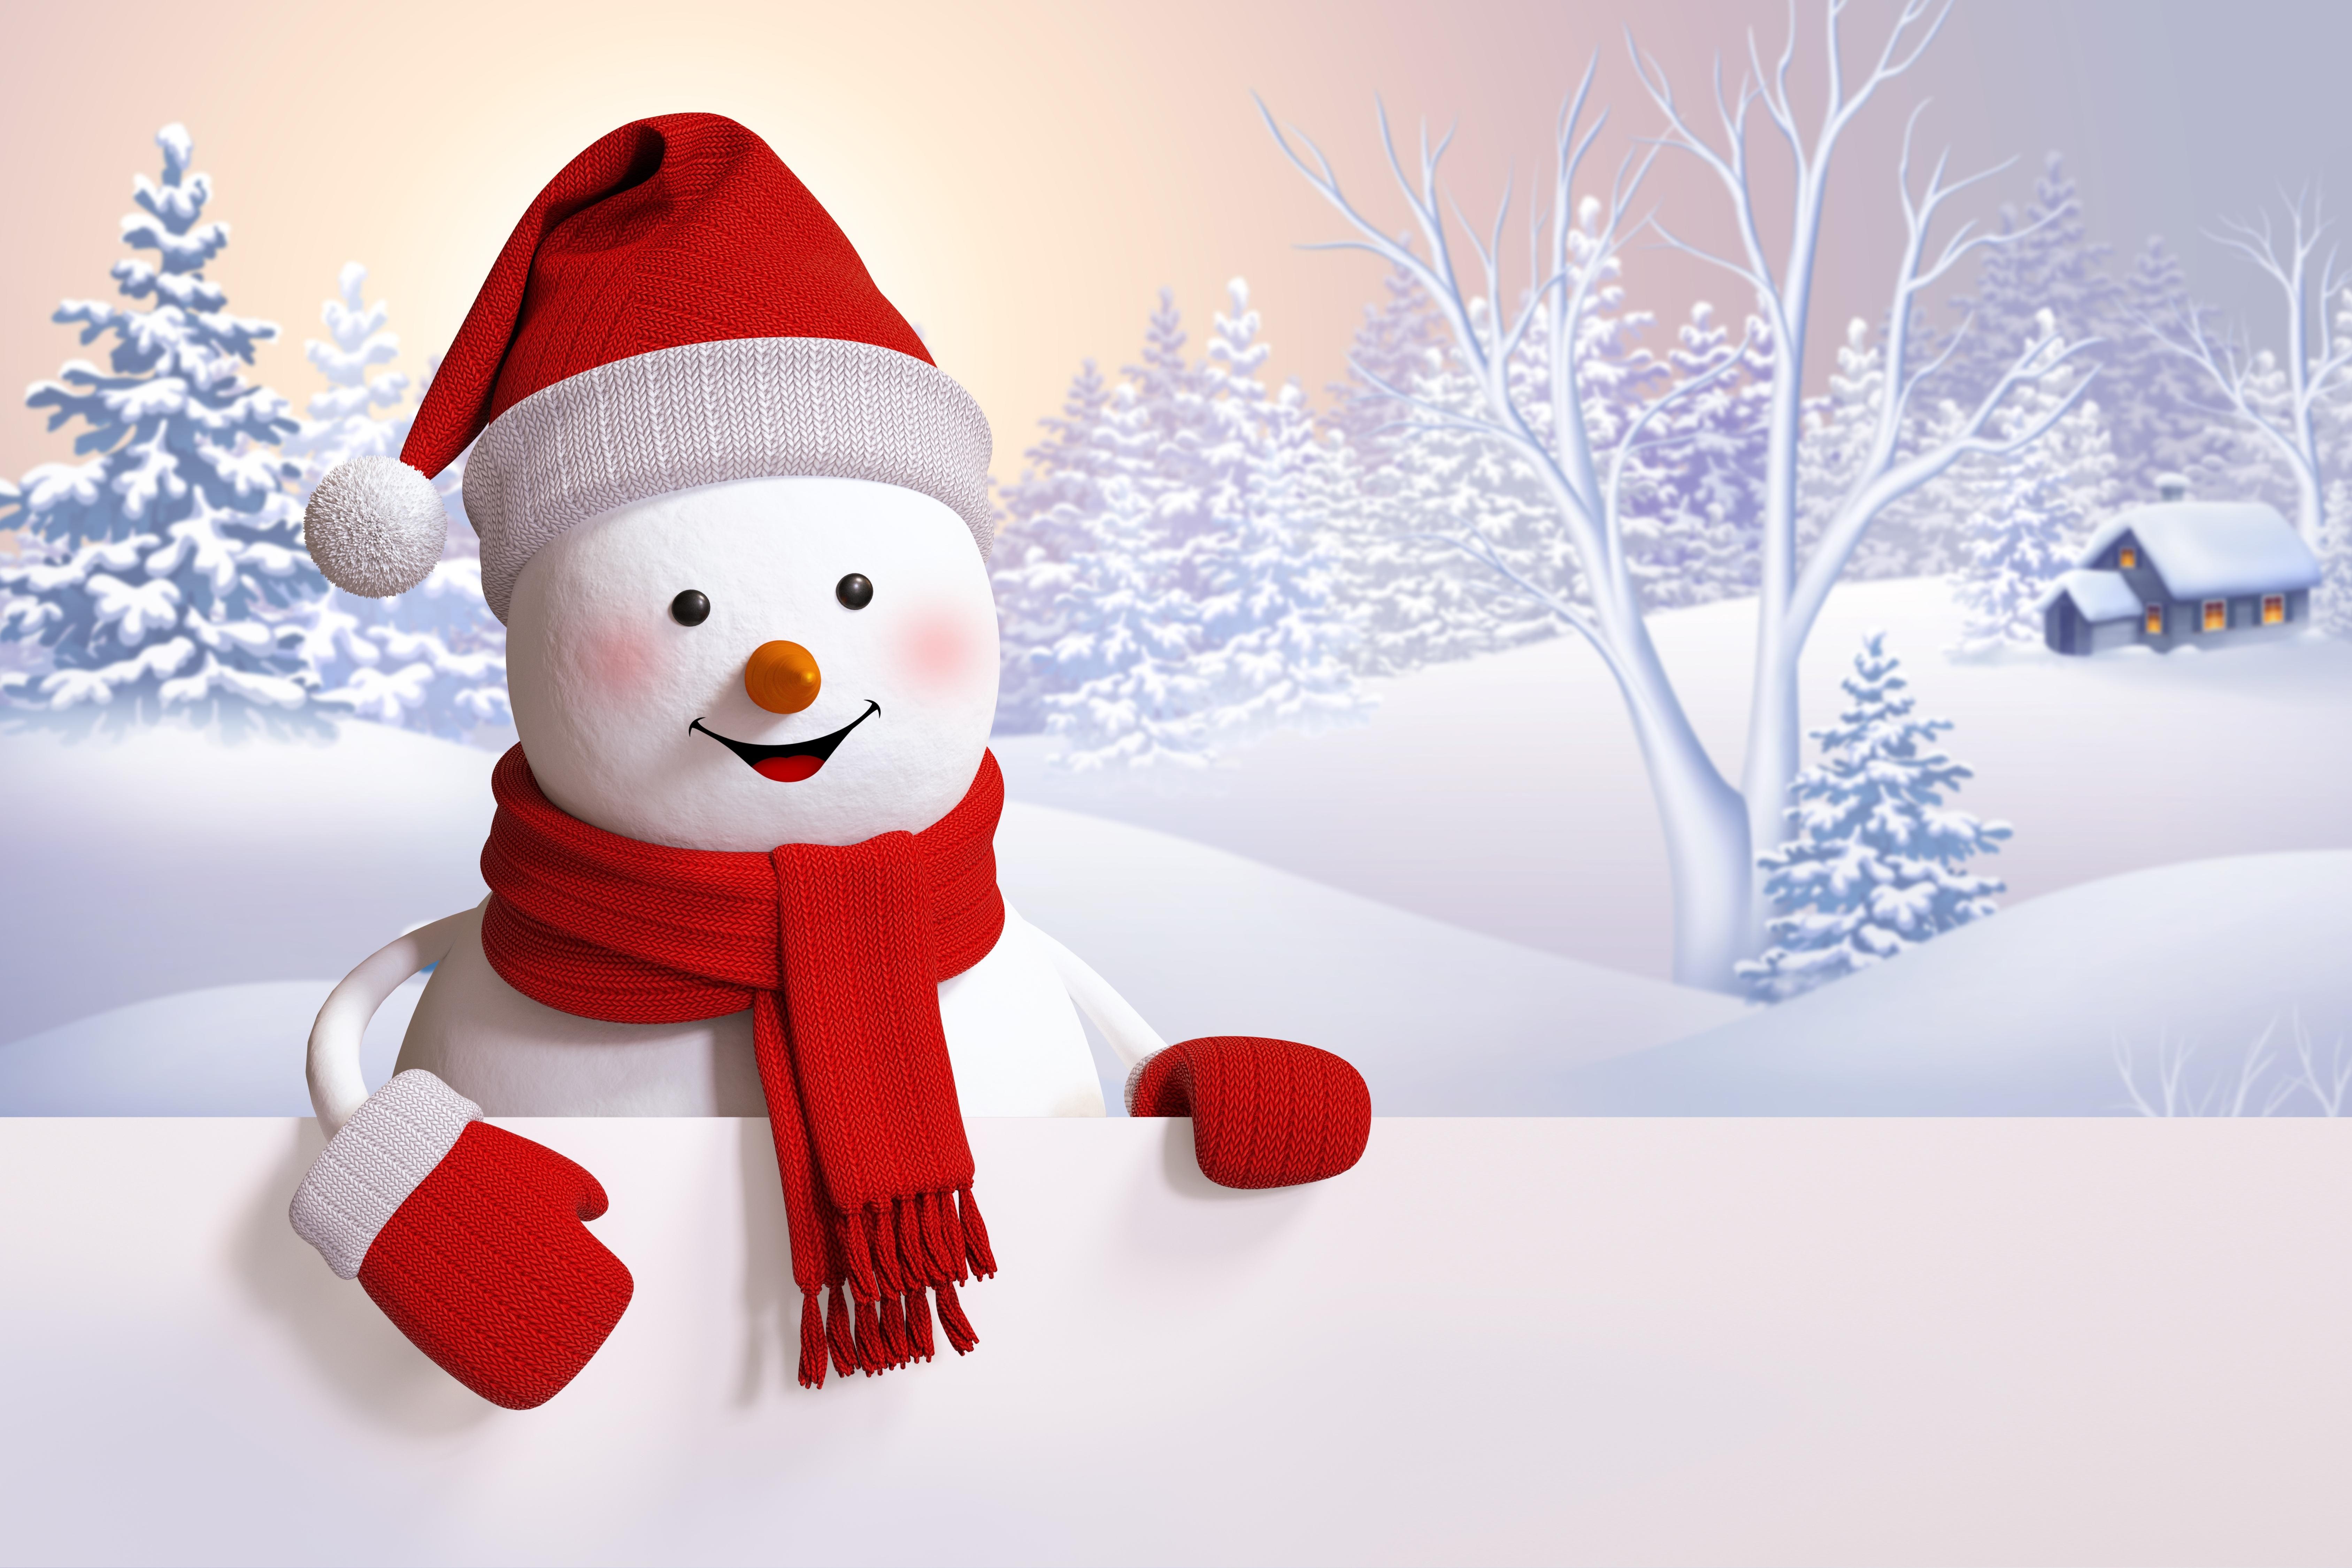 Снеговик на сноуборде  № 3290165 бесплатно